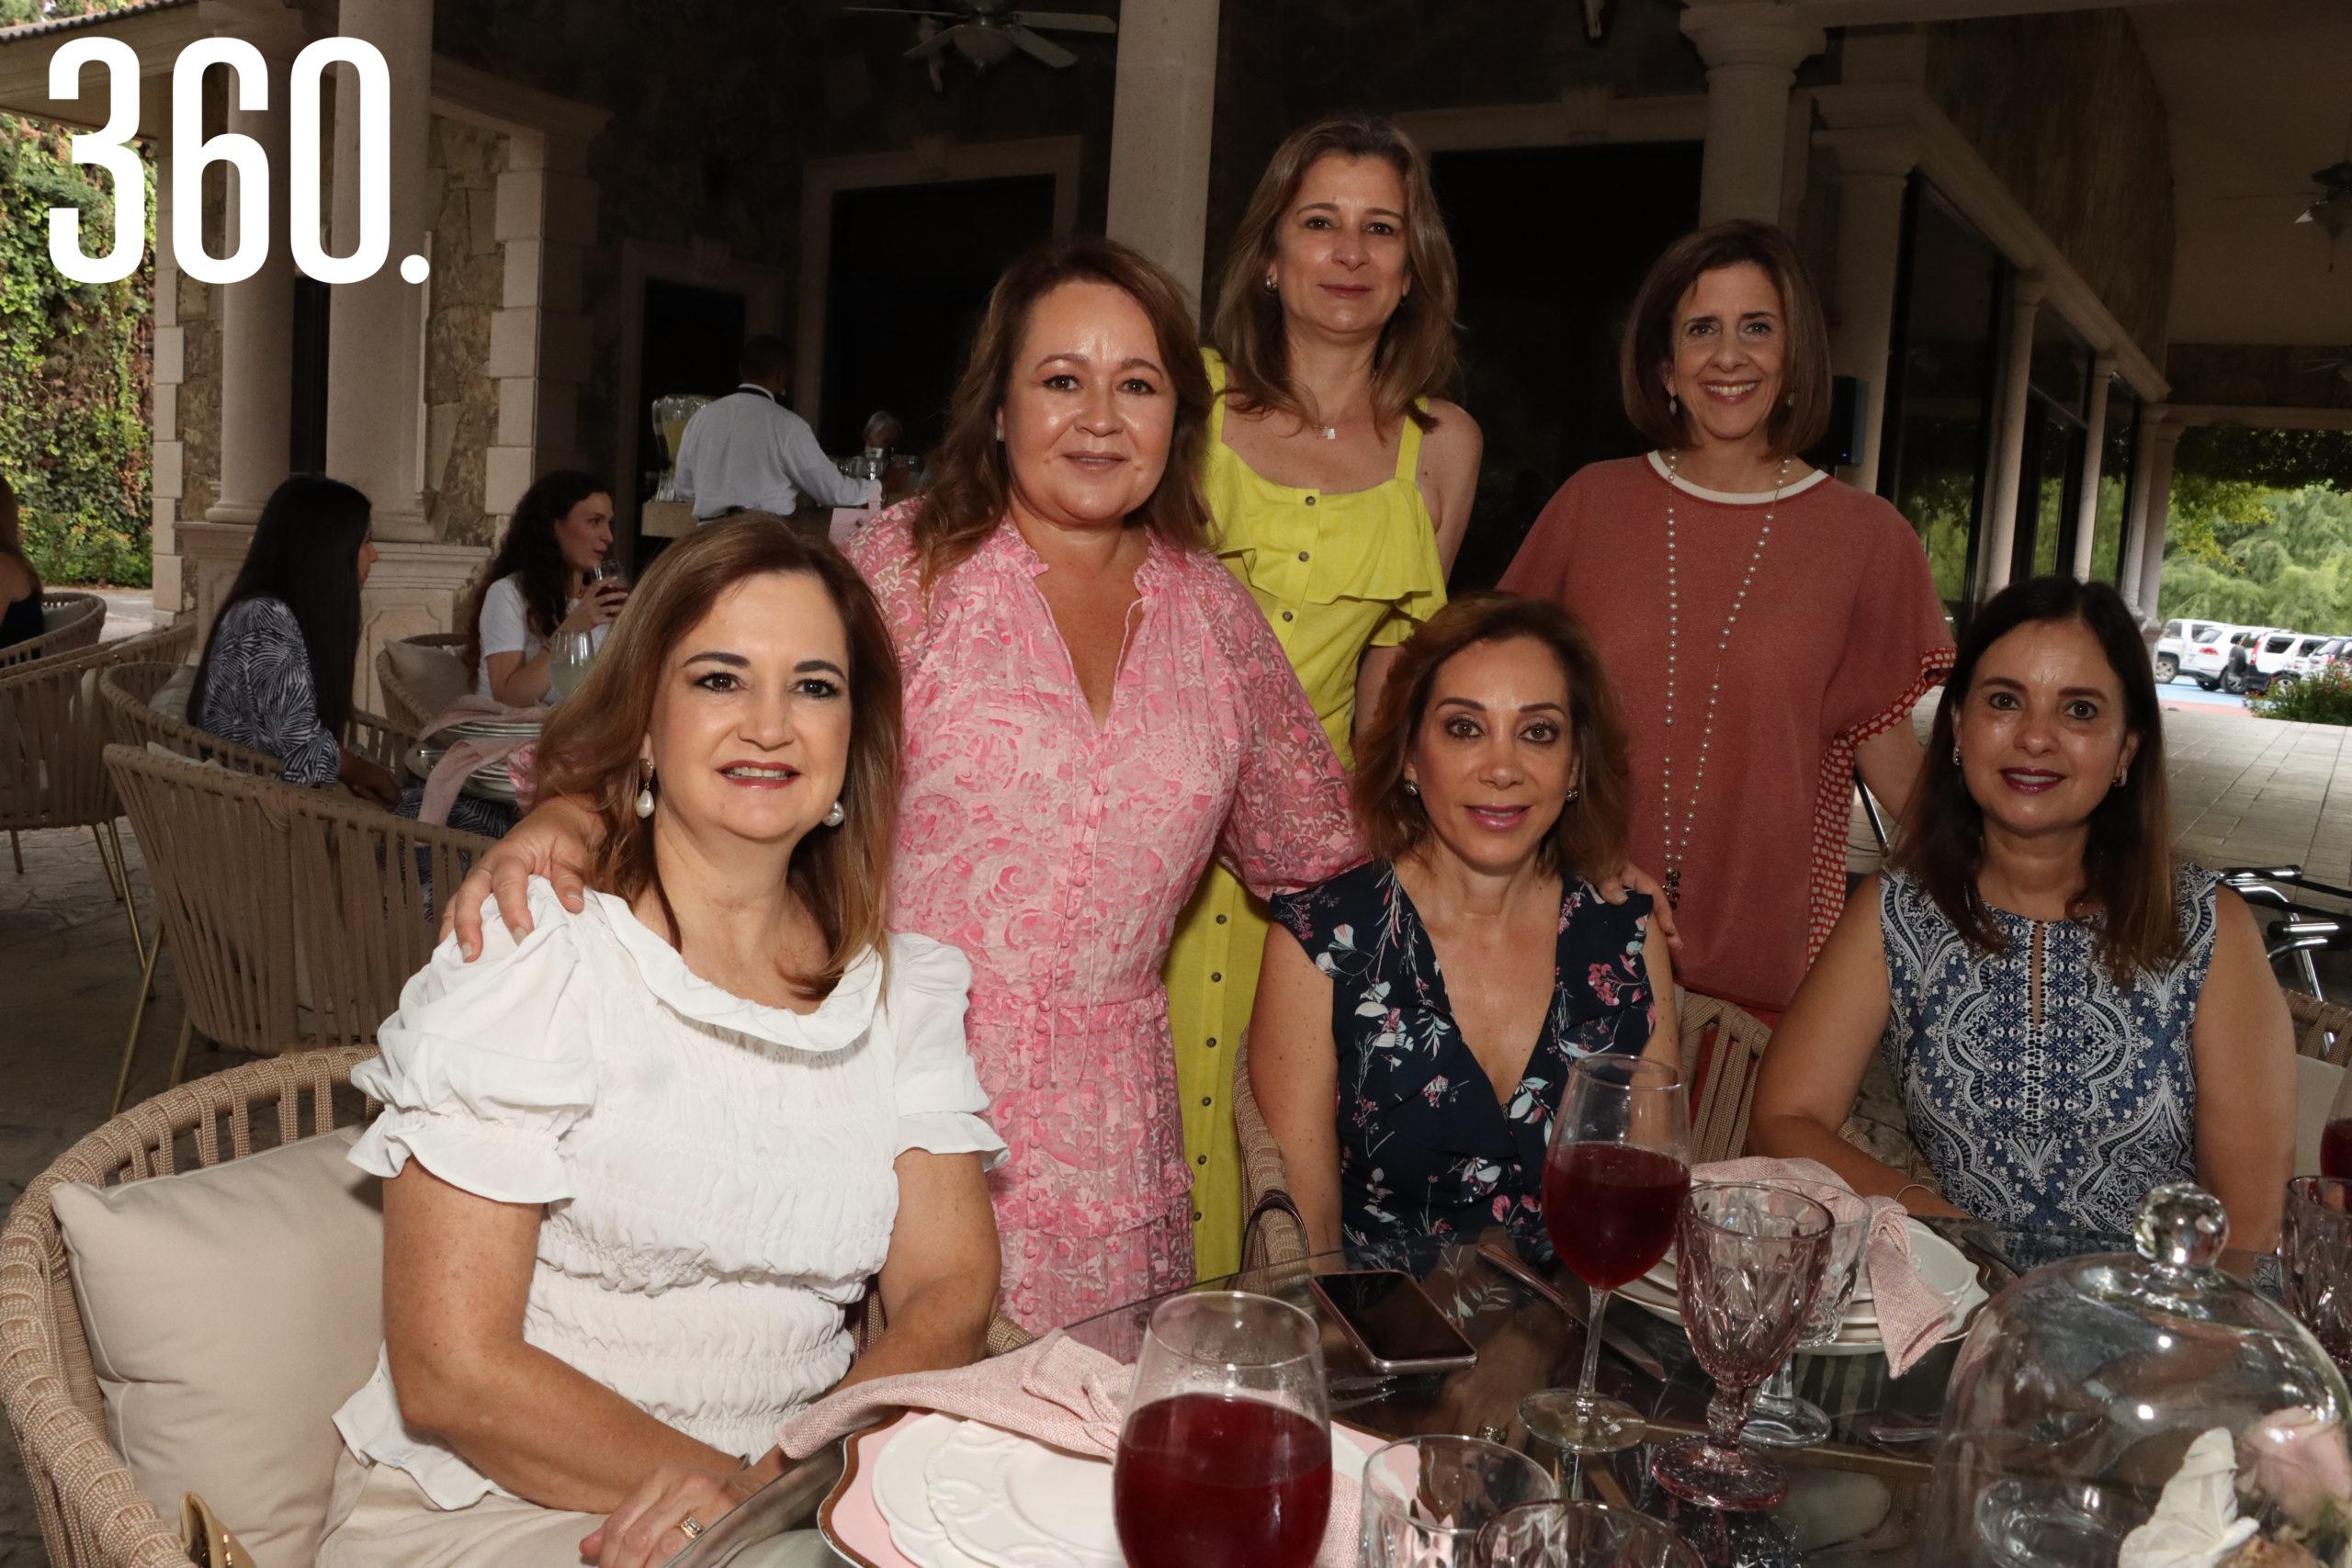 Fernanda Osuna, Magdis Cárdenas, Terecata del Bosque, Silvia Perales, Conchalupe Arizpe y Rocío Alvarado.